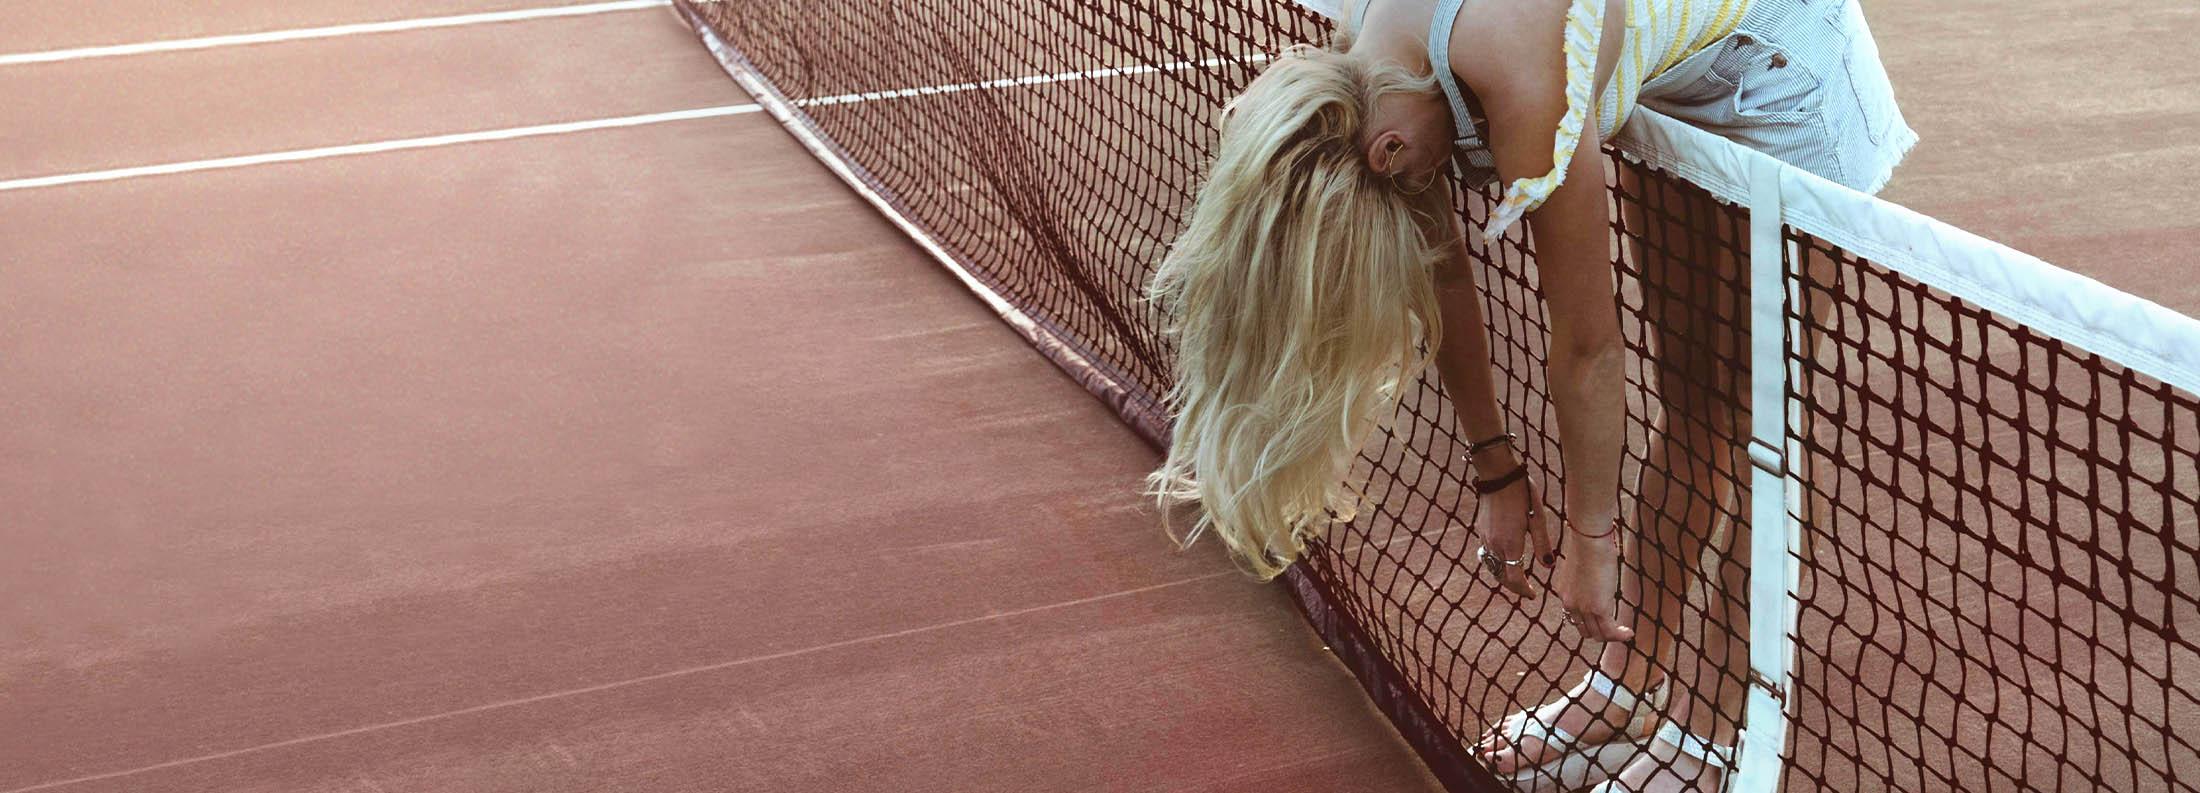 woman_tennis_blondhair_ColorgradingV2